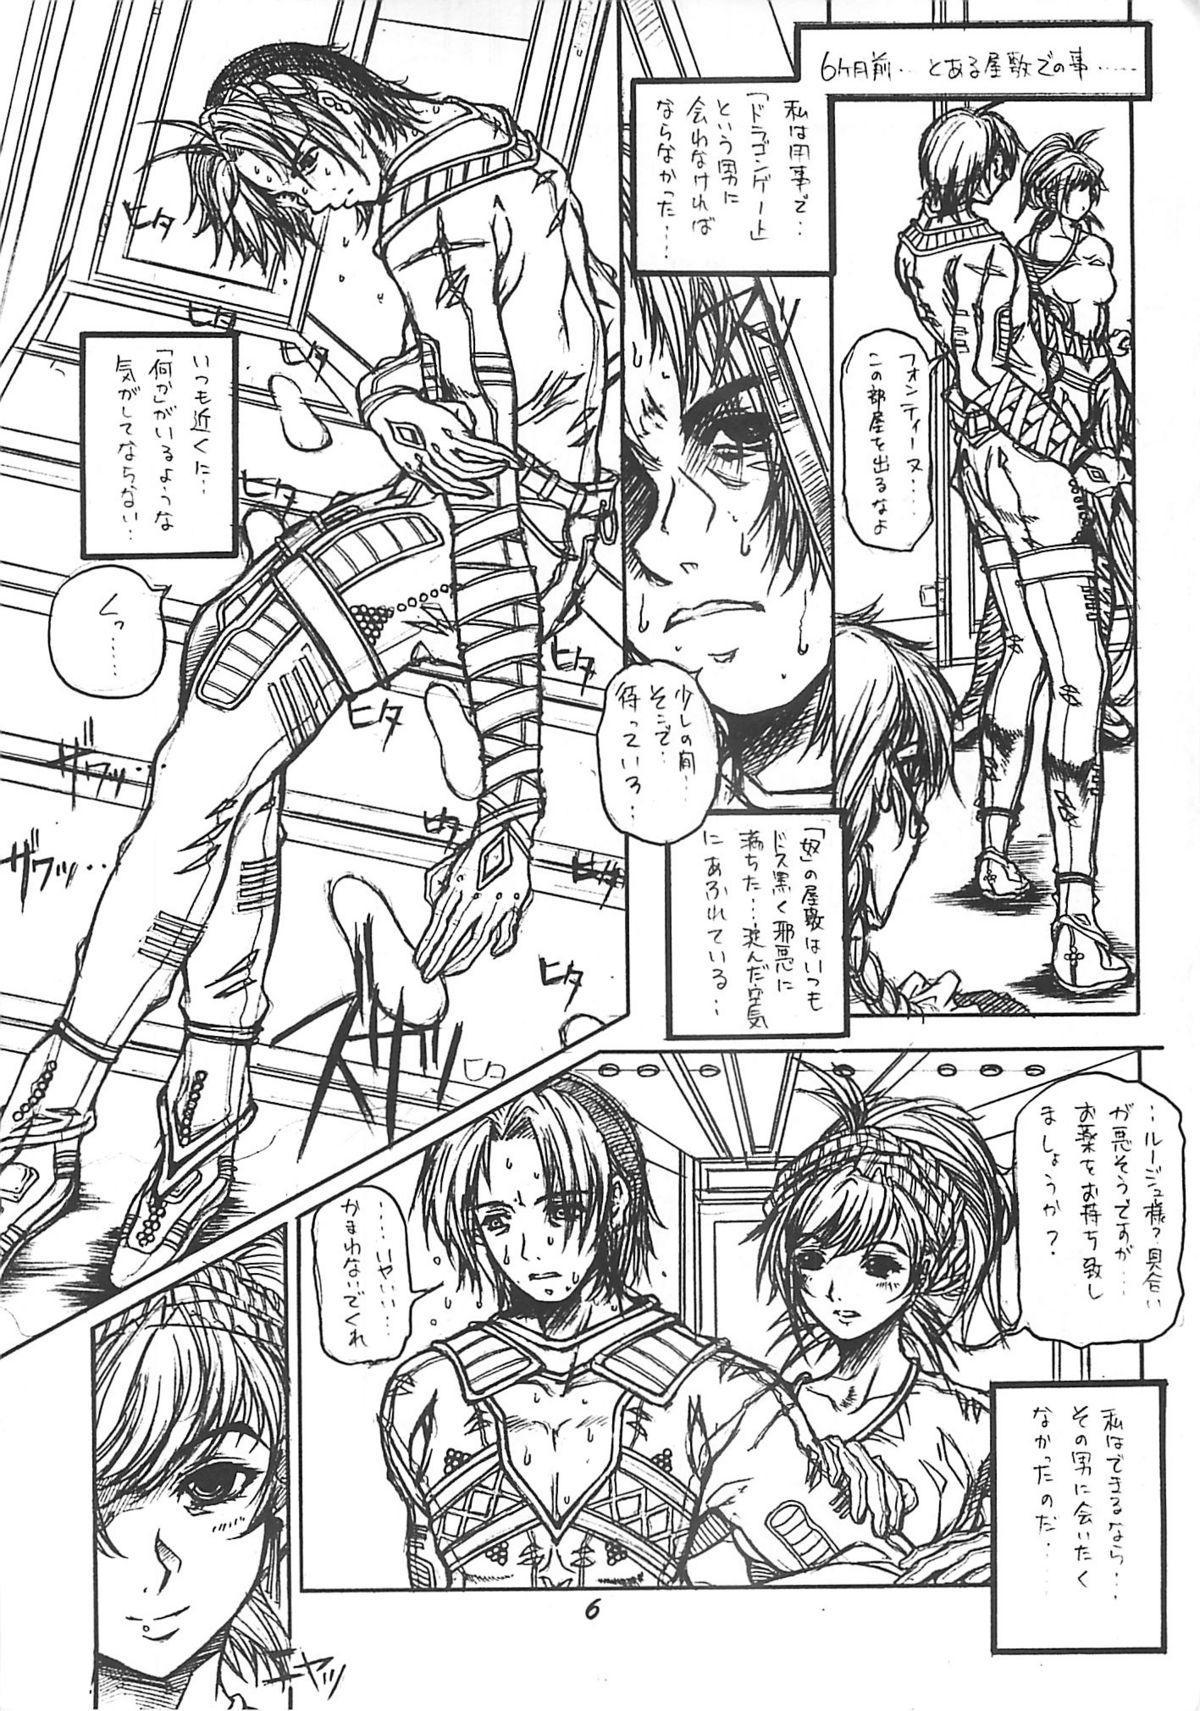 [Virgin Virus (Matsumi Jun)] Fukakutei Youso to Jinrui Kyuushi gaku no Mechanism ni kansuru Suitei Ronri (Kari) EPISODE MARY [5th Edition] 4